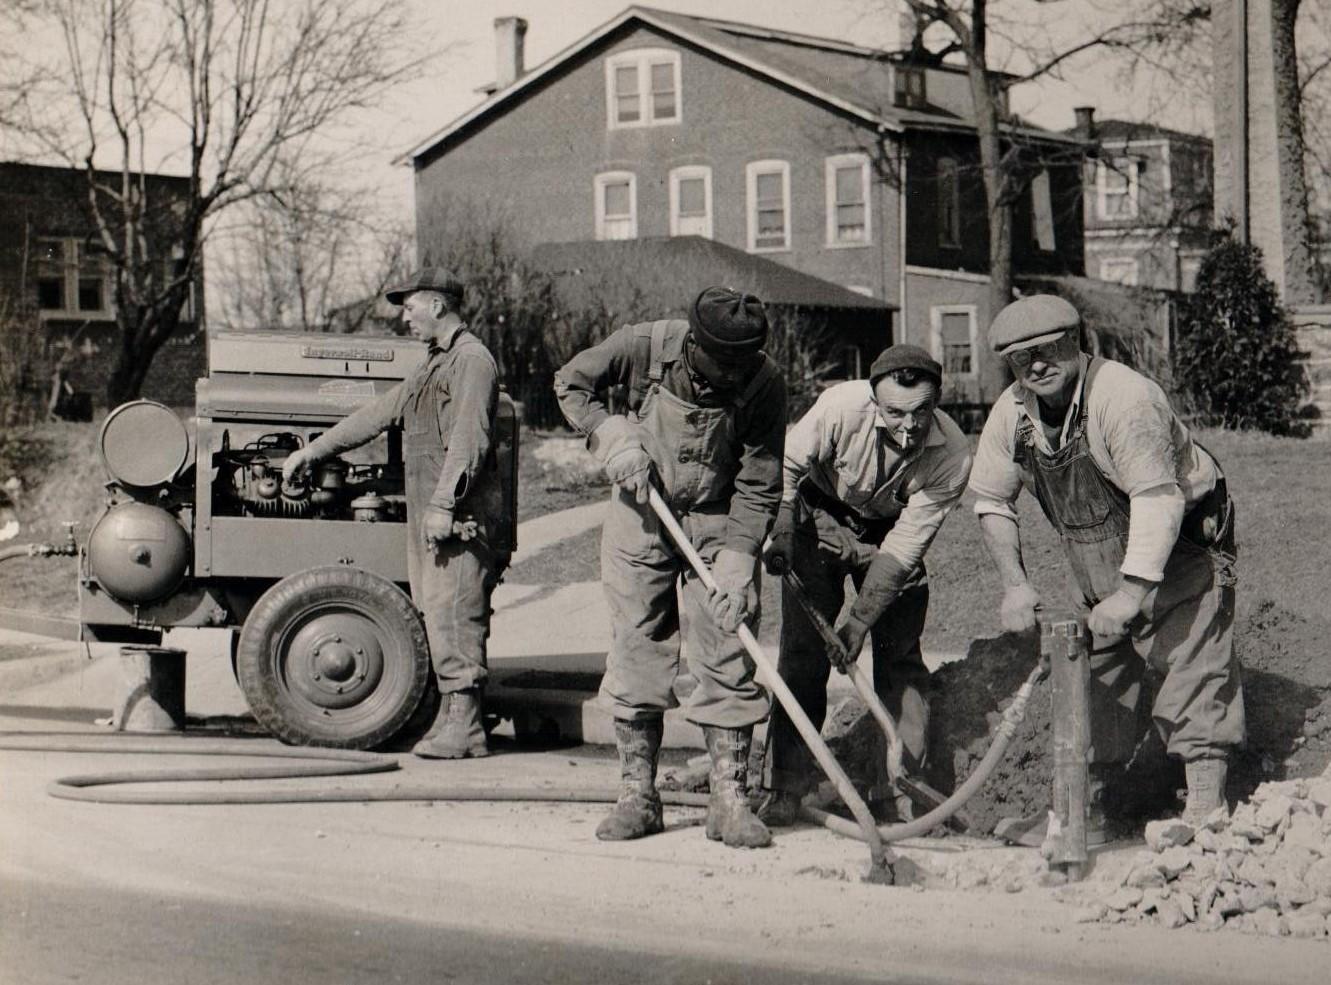 Aqua Pennsylvania: The Cost of Service